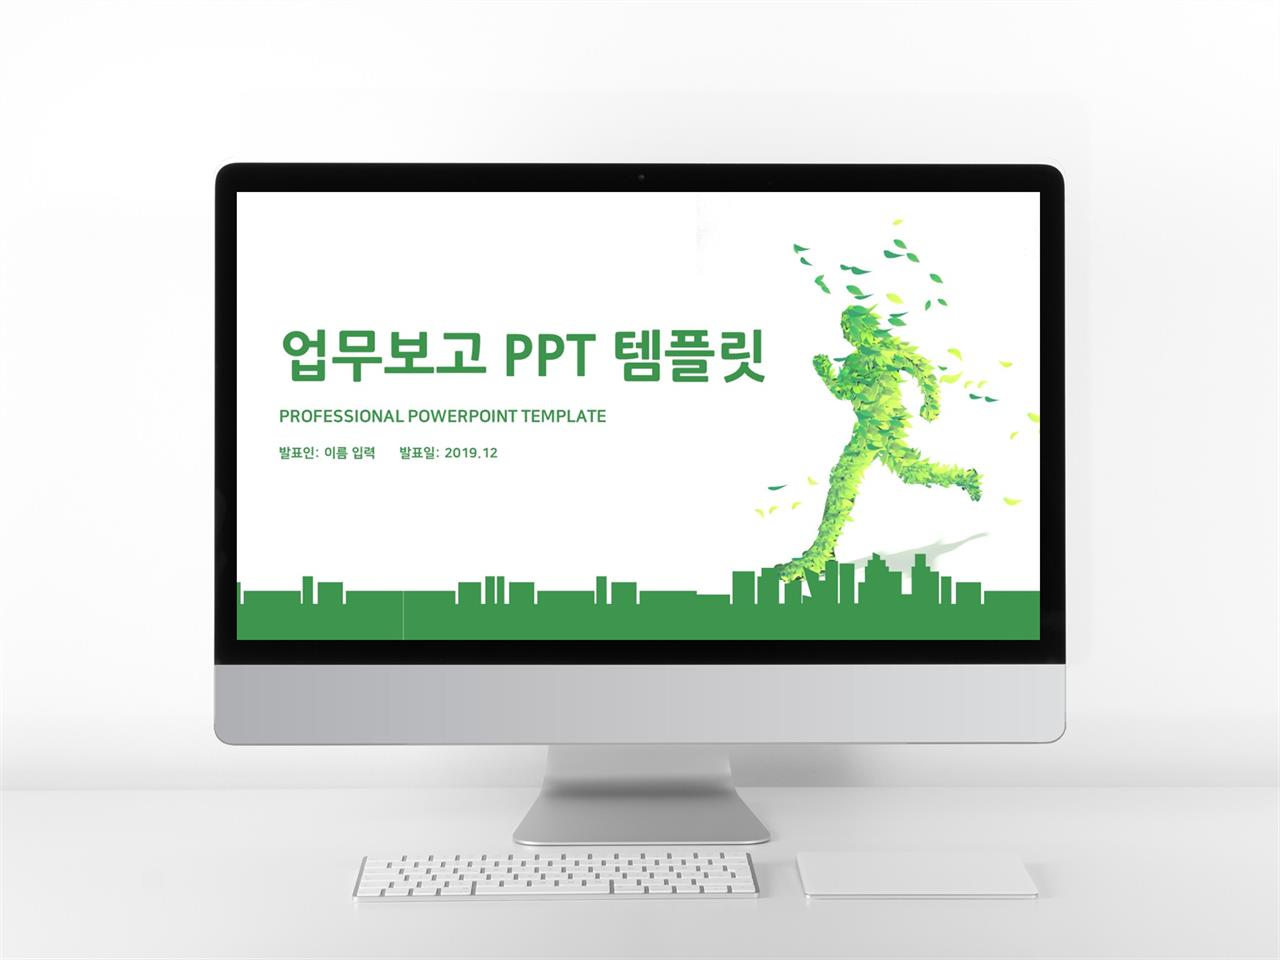 업무일지 녹색 단조로운 프로급 PPT템플릿 사이트 미리보기